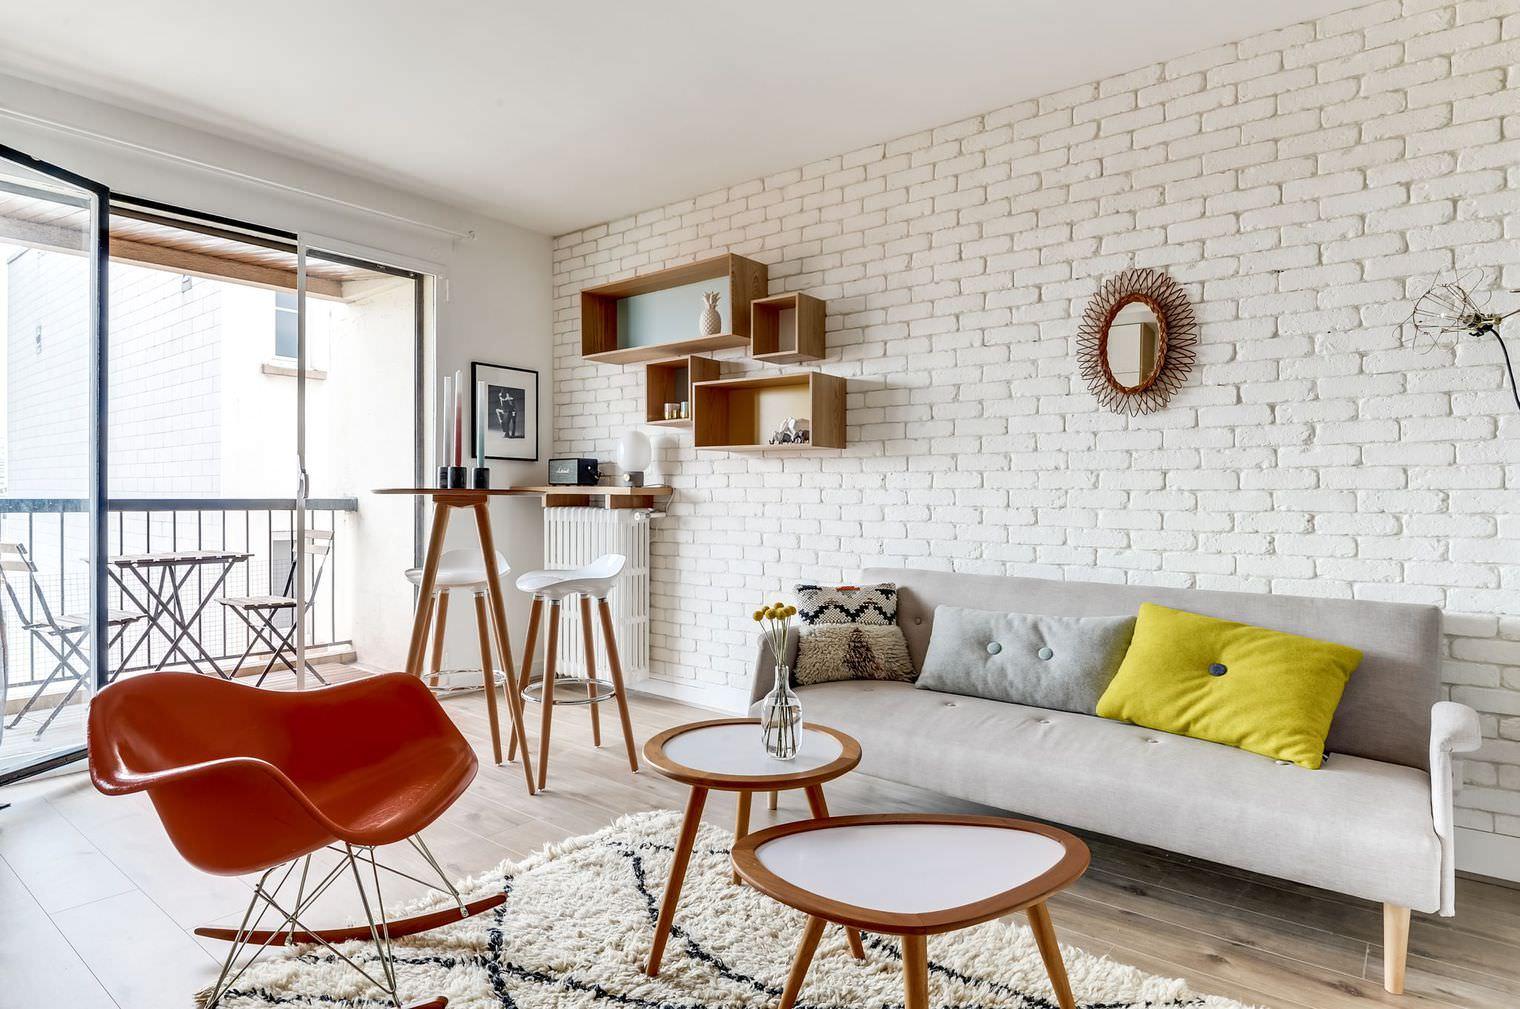 25 transition interior design. Black Bedroom Furniture Sets. Home Design Ideas